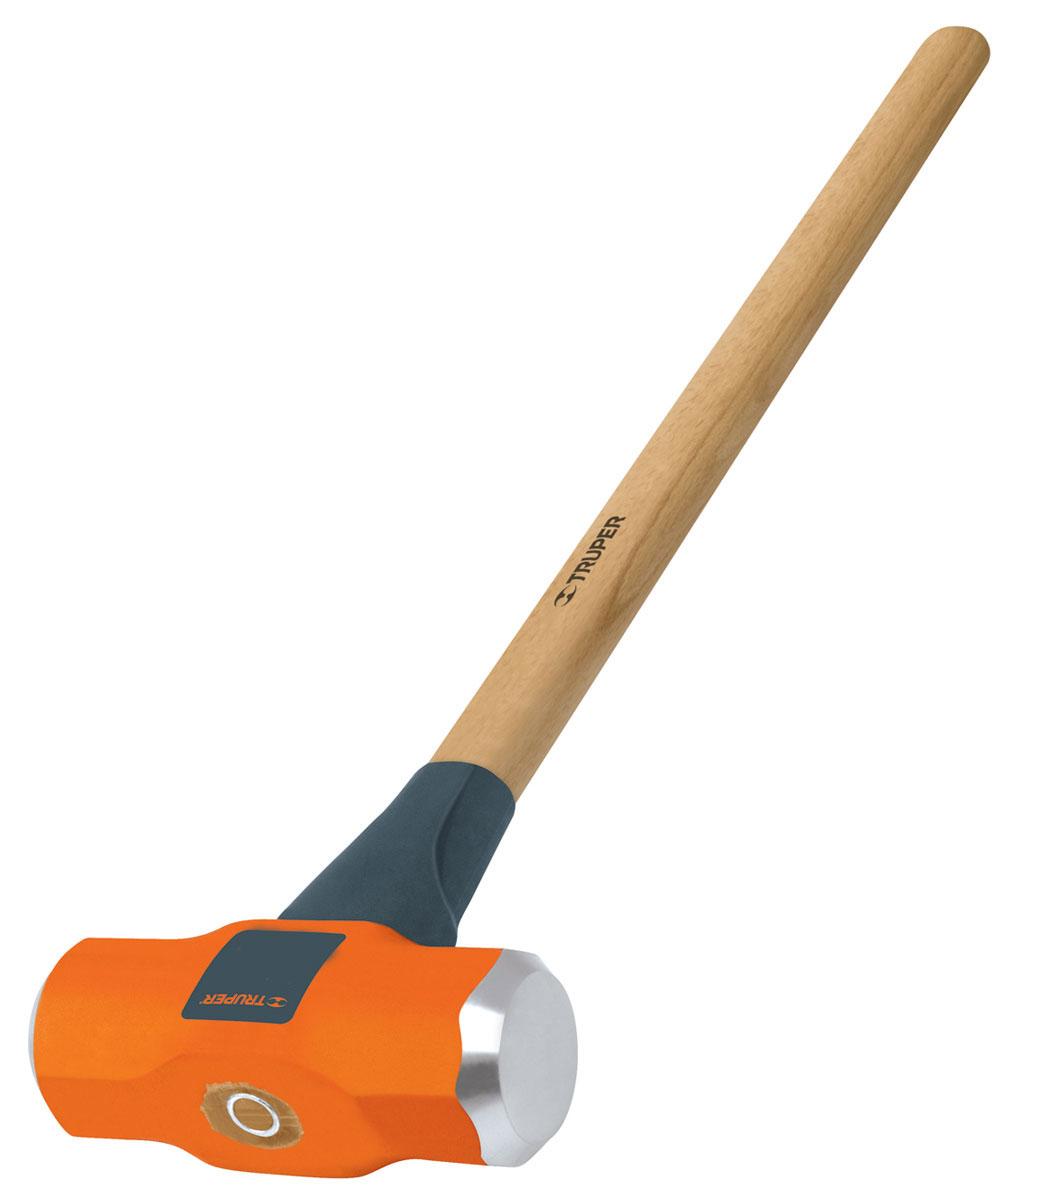 Кувалда Truper, с деревянной рукояткой, 9 кгАксион Т-33Кувалда Truper предназначена для нанесения исключительно сильных ударов при обработке металла, на демонтаже и монтаже конструкций. Деревянная ручка с антишоковой защитой, изготовленная из дуба, обеспечивает надежный хват. Финишная обработка бойка.